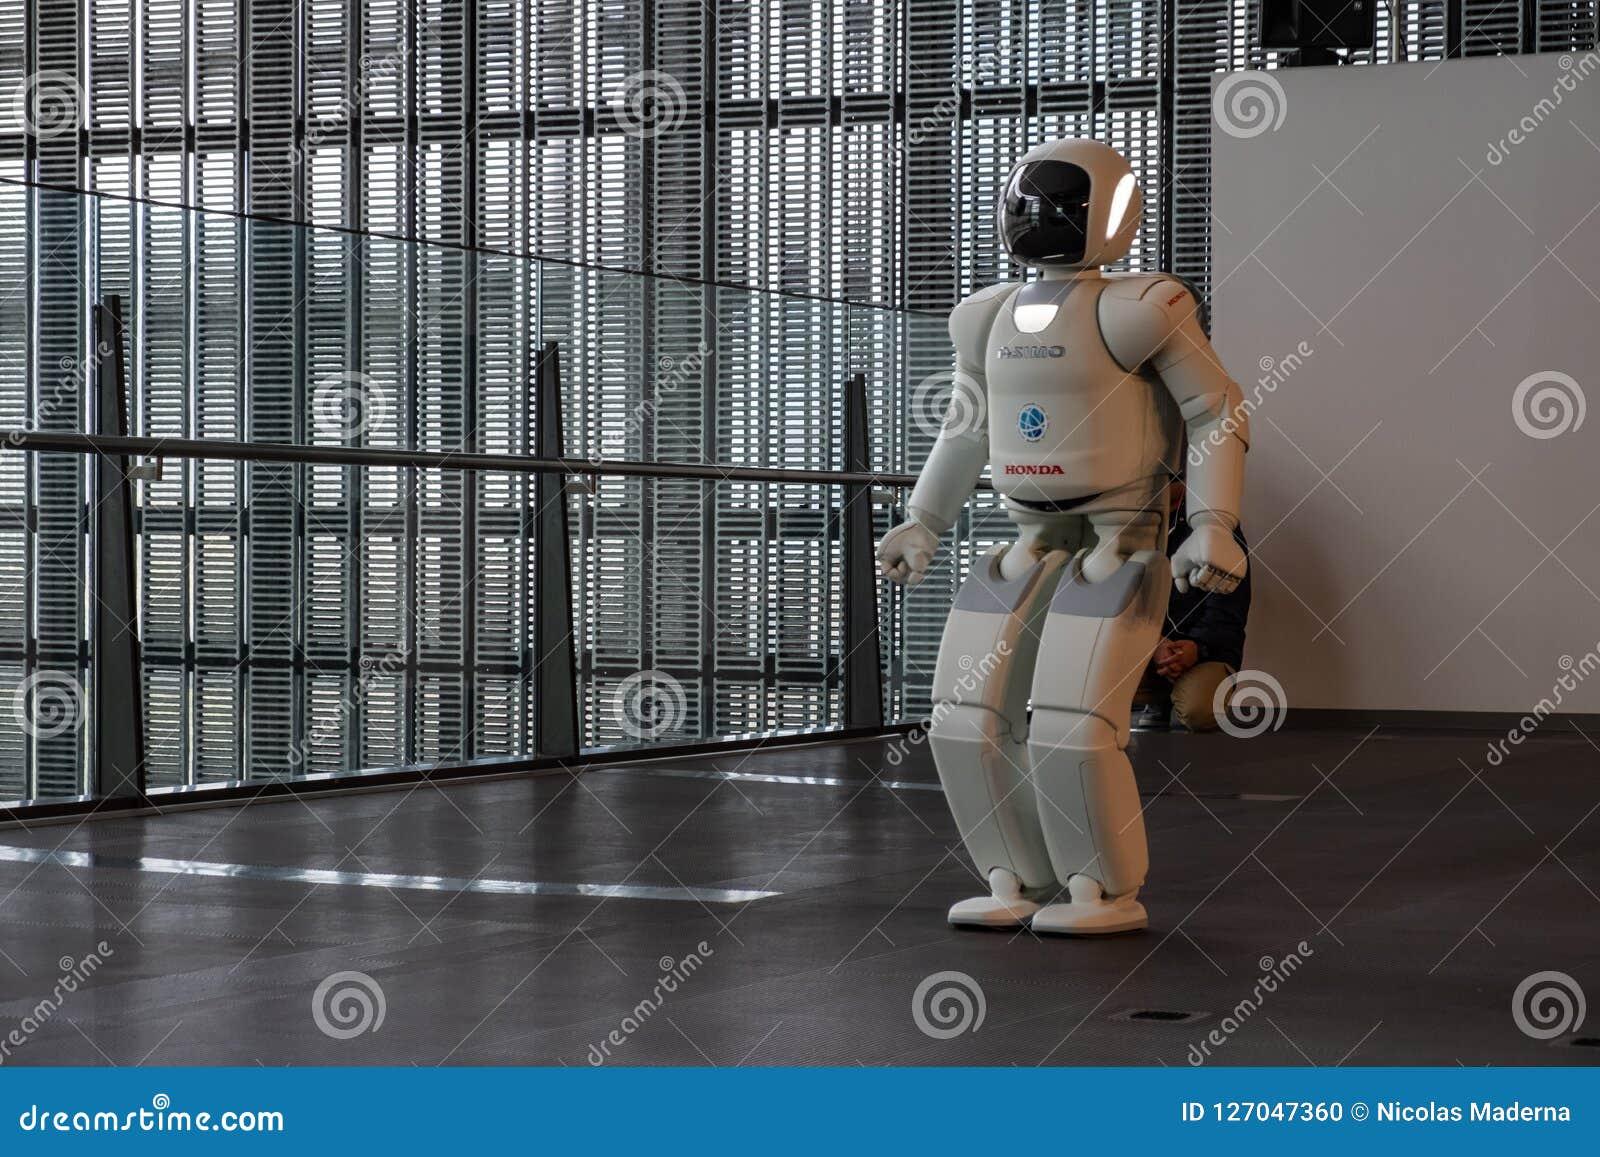 Asimo Honda robota spełniania przedstawienie w Miraikan muzeum narodowym Wyłaniać się naukę i innowację